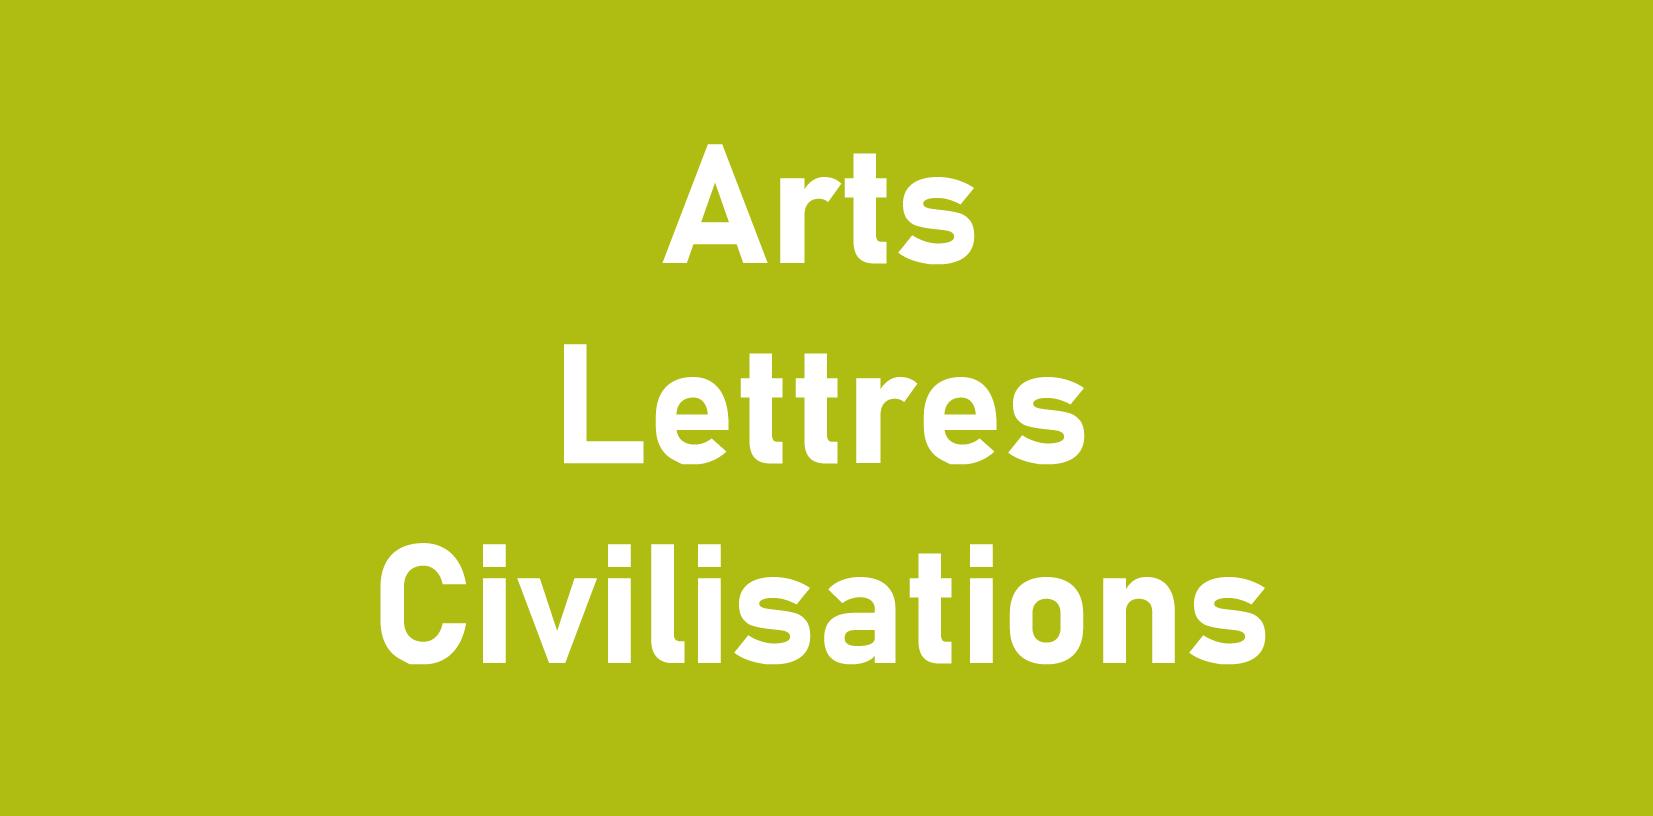 Arts lettres civilisations